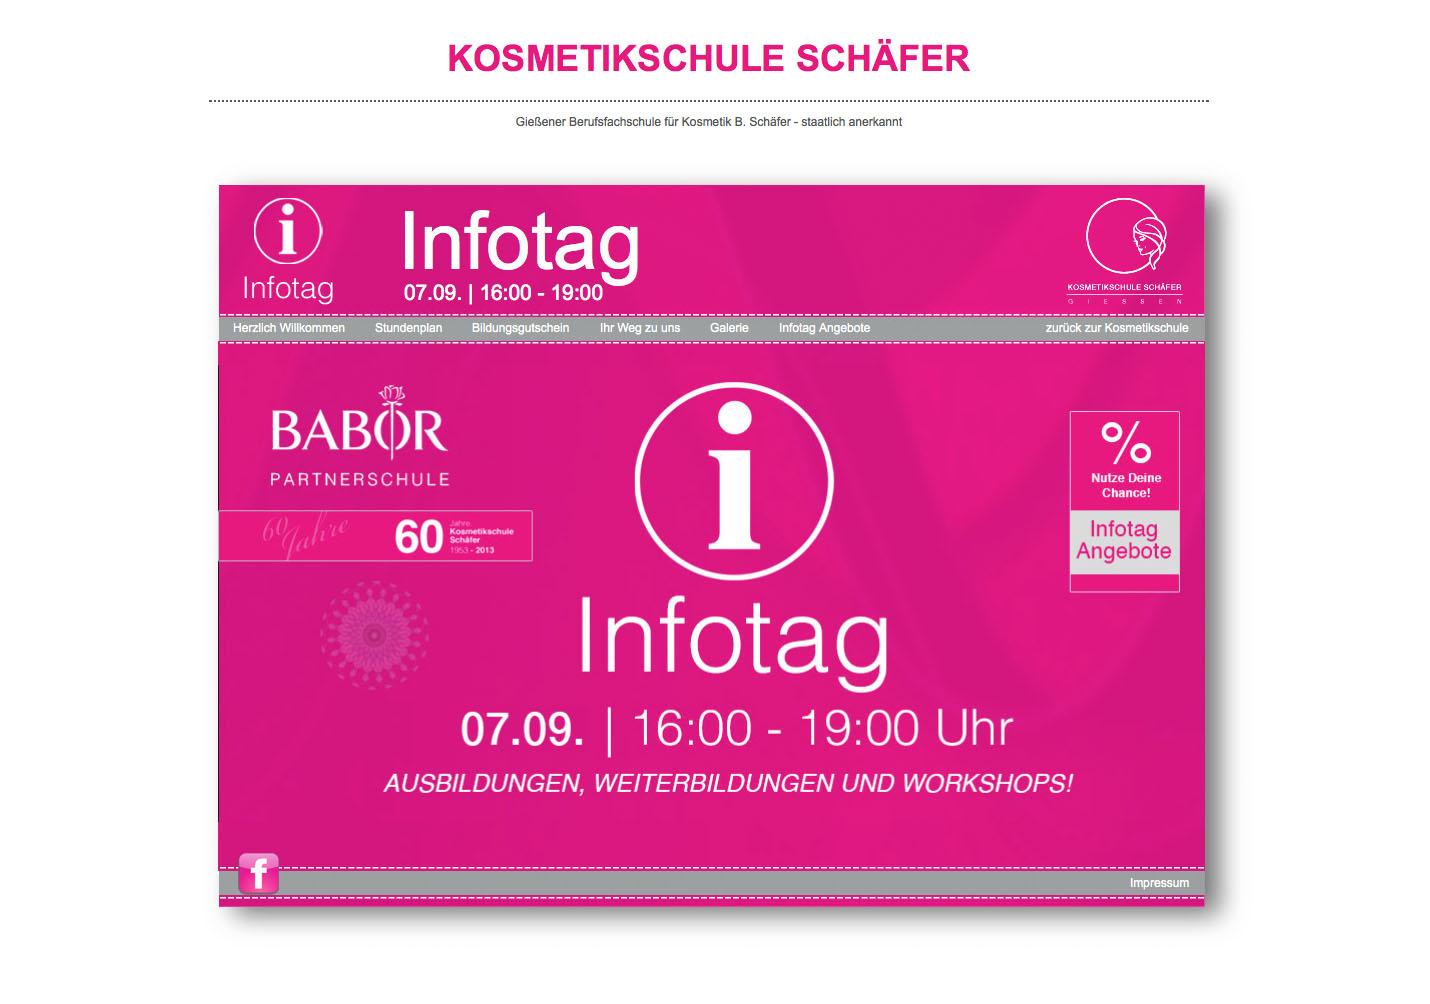 Infotag - Kosmetikschule Schäfer